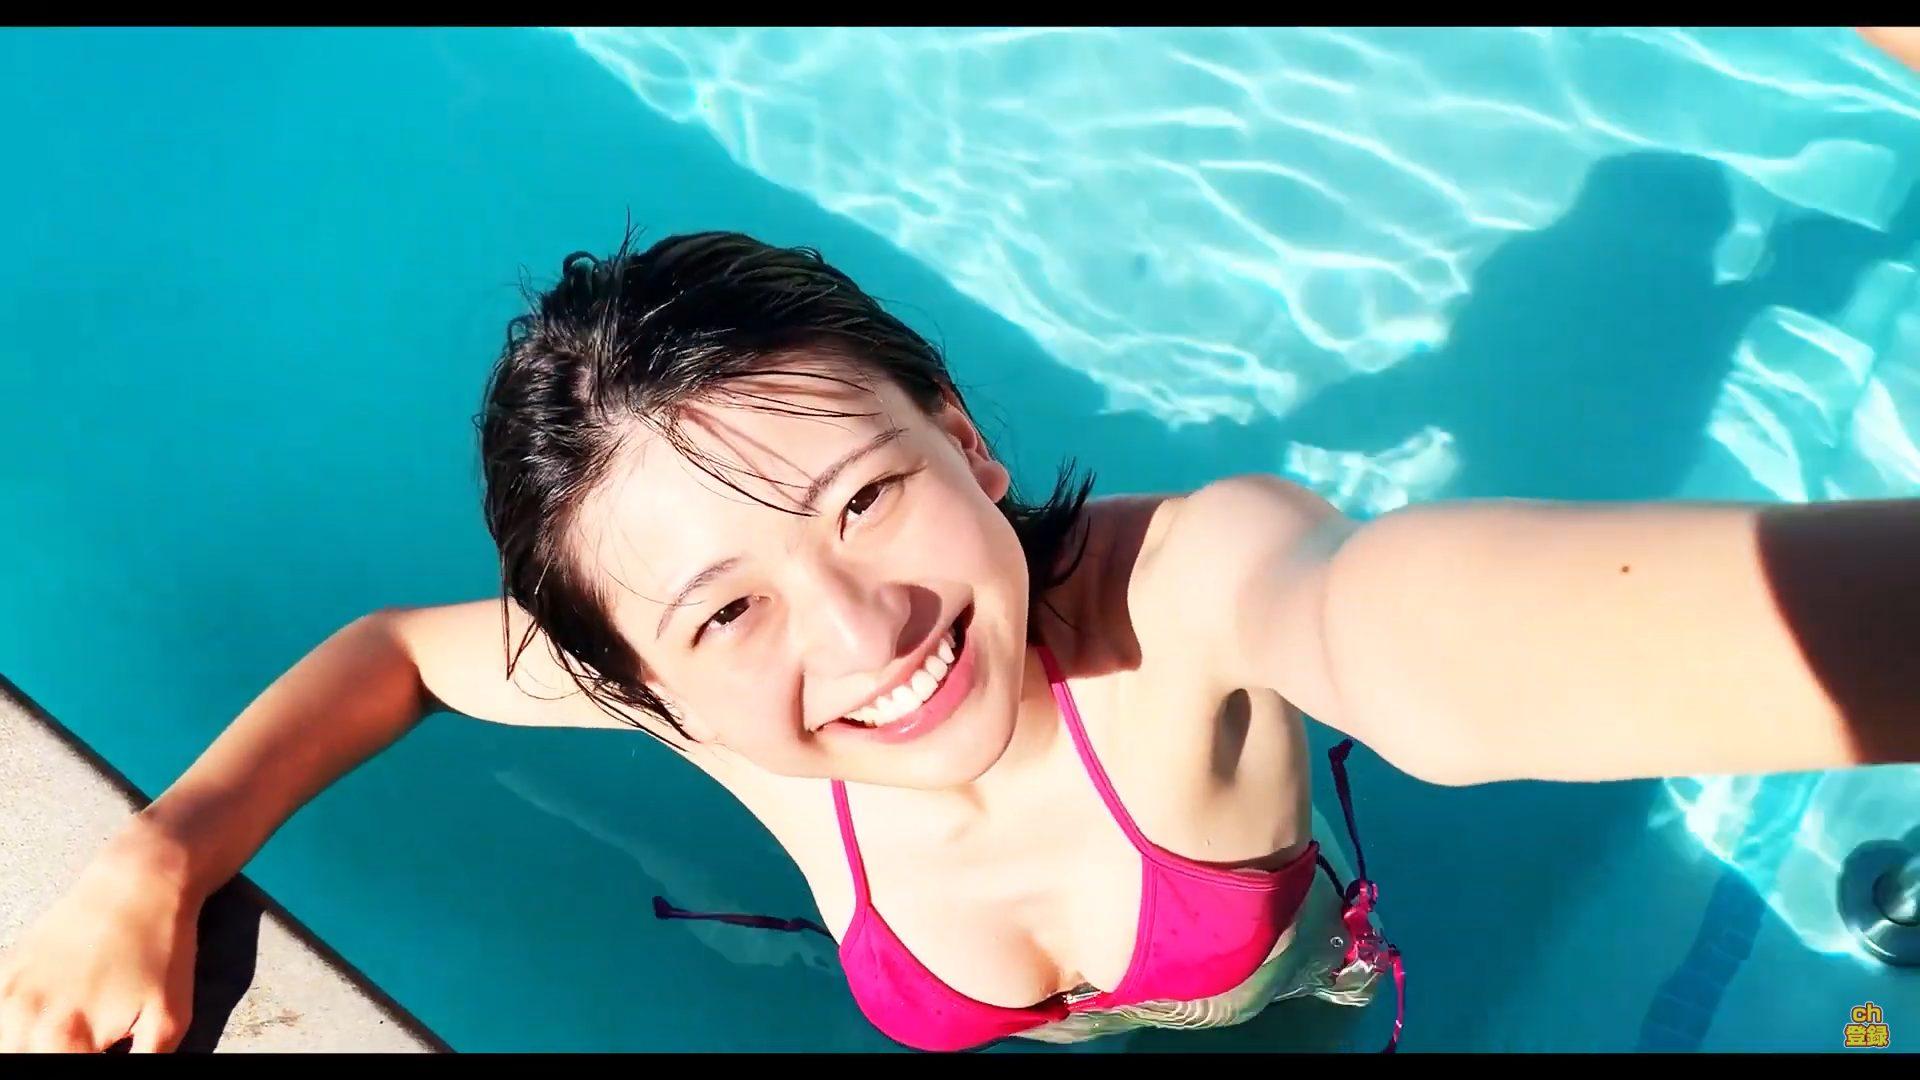 【山田南実】-カップ3 ファースト写真集「みなみと」メイキング!動画をご覧ください!